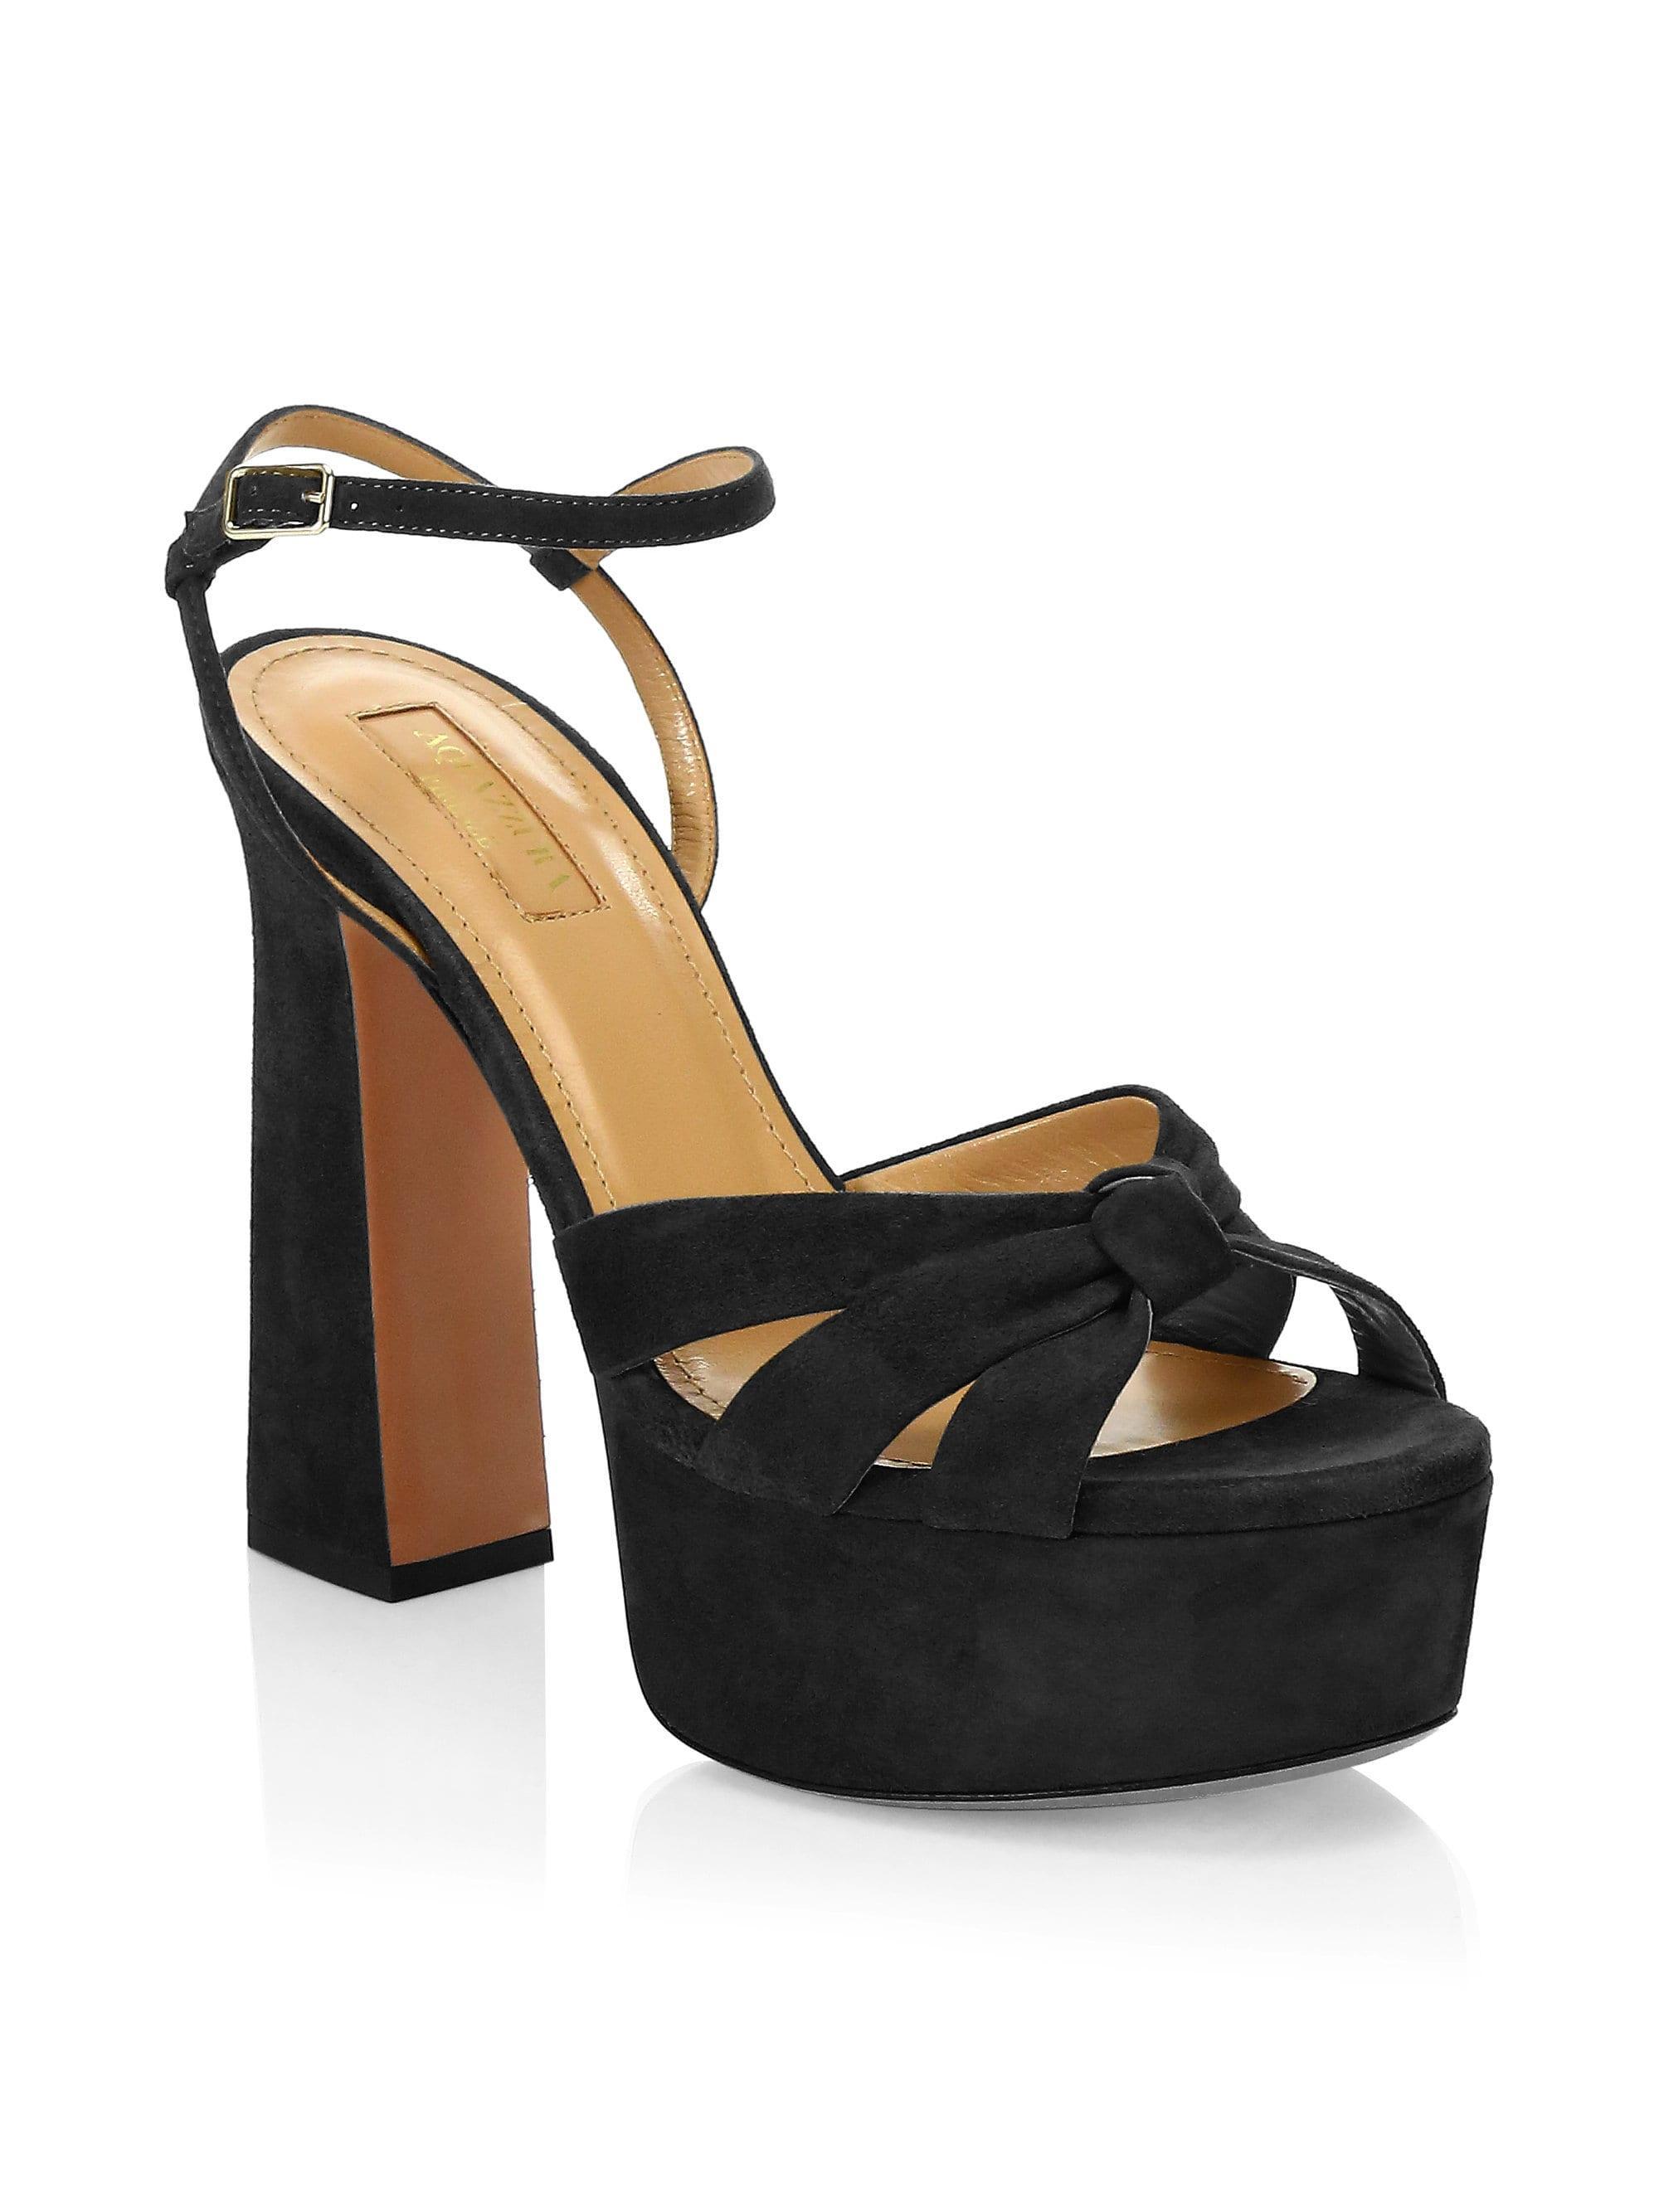 44aba83eff Aquazzura - Women's Baba Suede Platform Sandals - Black - Size 41 (11) -.  View fullscreen